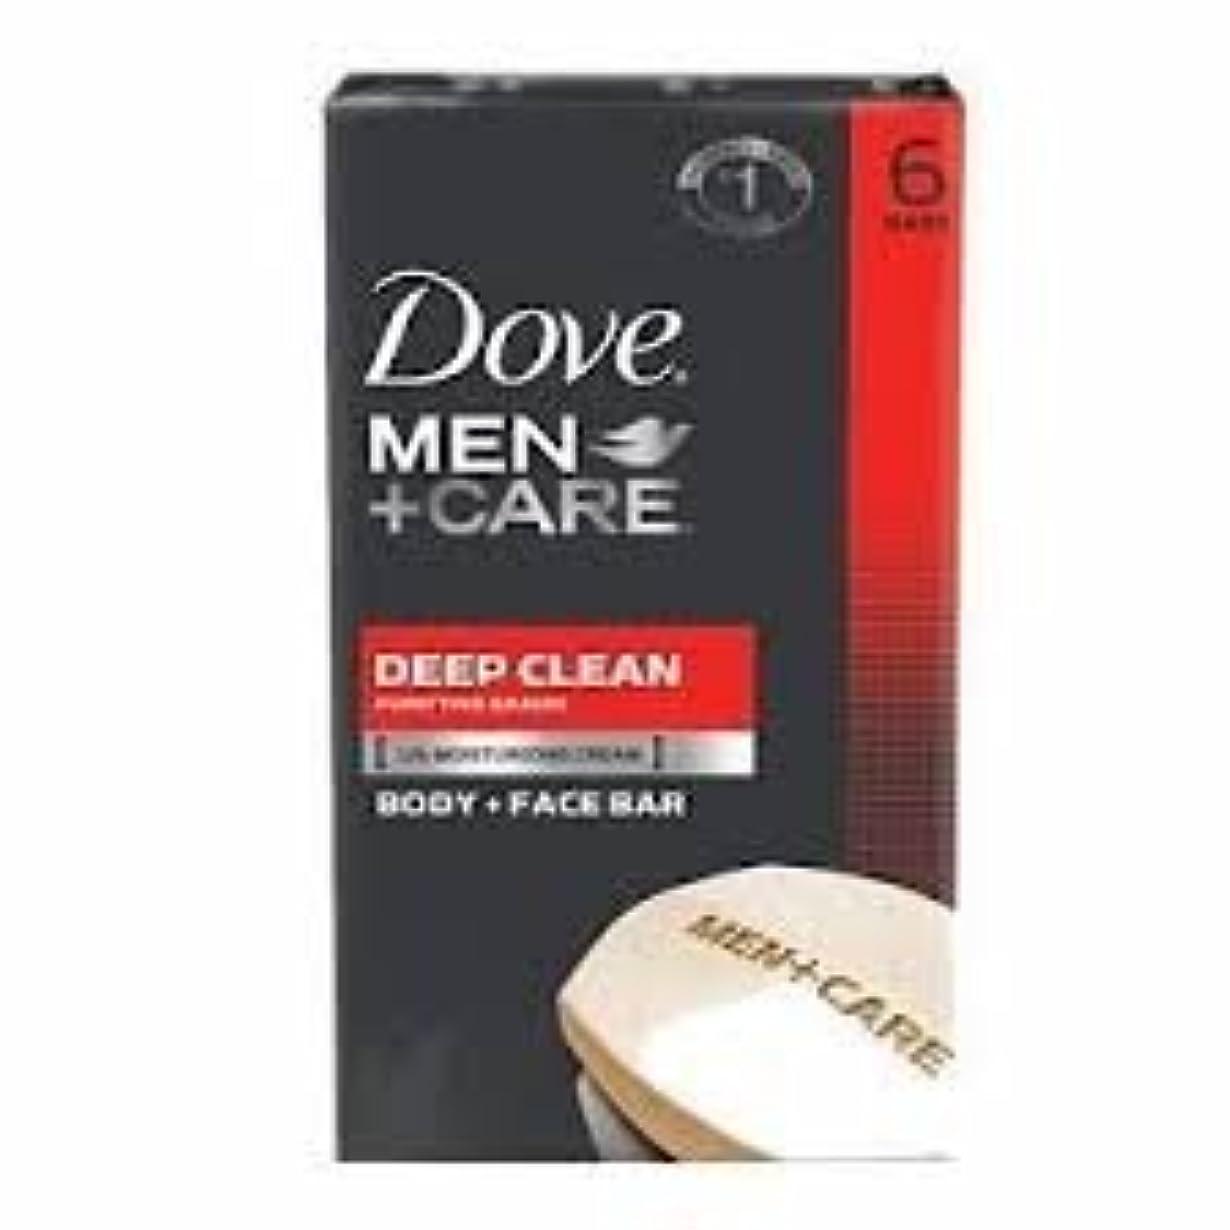 くま権威アライメントDove Men + Care Body and Face Bar, Deep Clean 4oz x 6Bars ダブ メン プラスケア ディープ クリーン ソープ 4oz x 6個